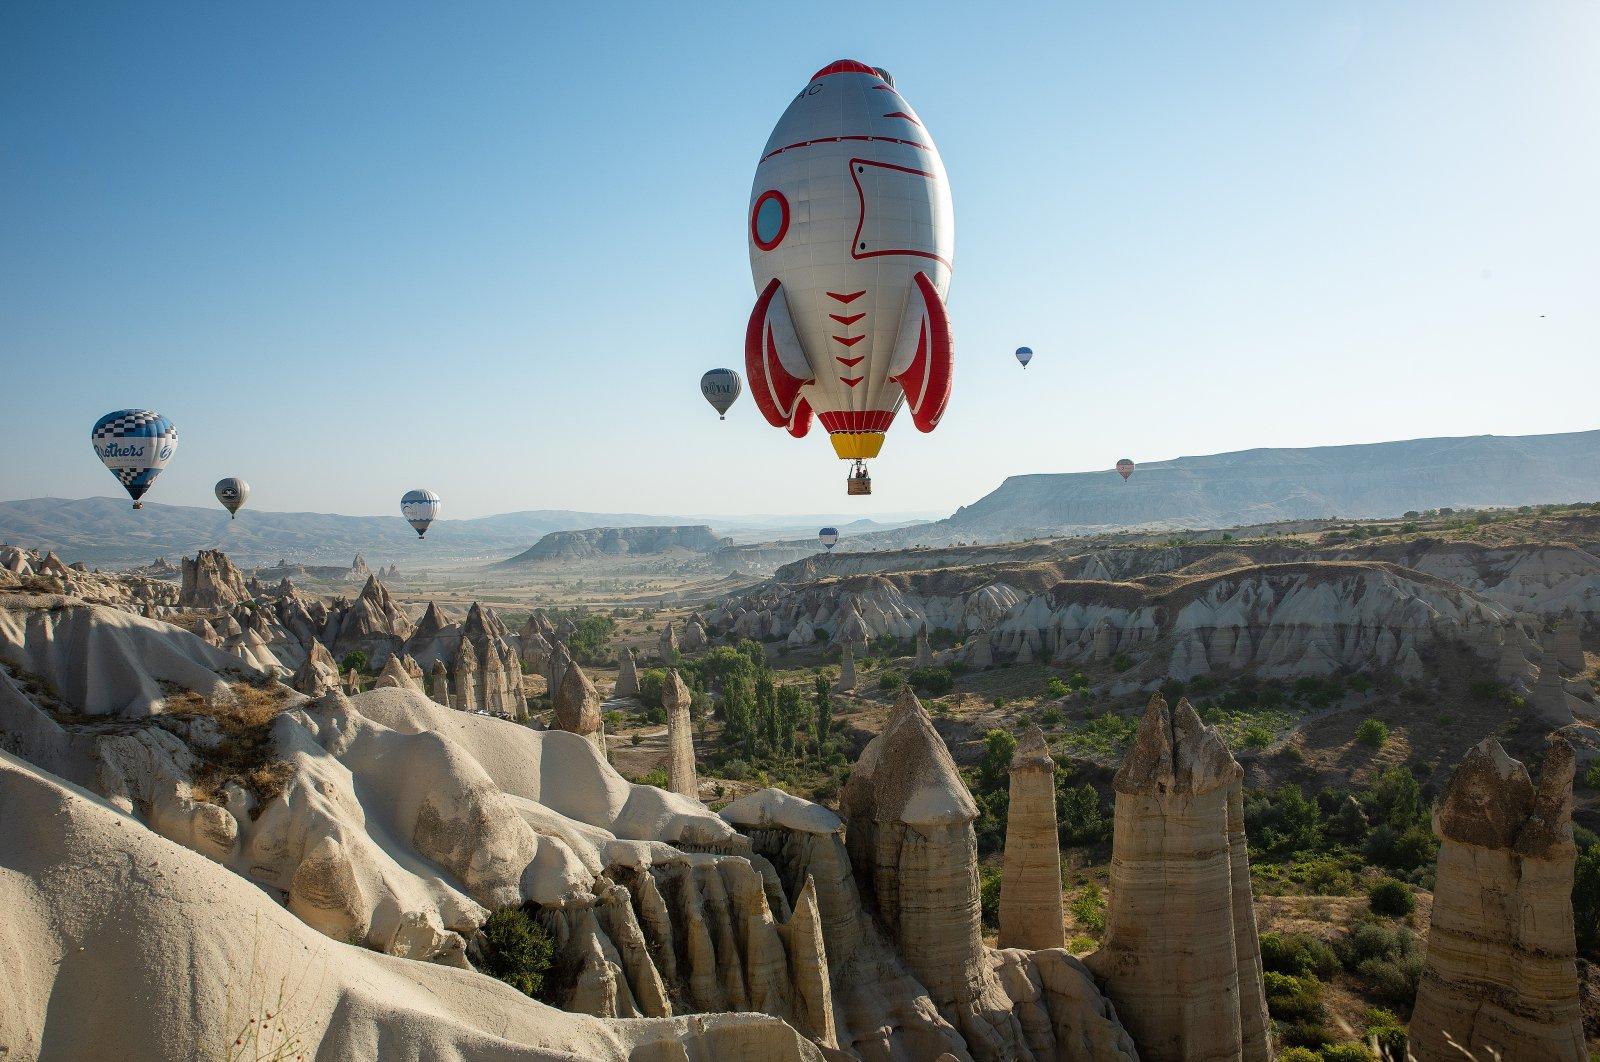 Hot air balloons fly above the Cappadocia region of Nevşehir province, central Turkey, Aug. 28, 2021. (AA Photo)